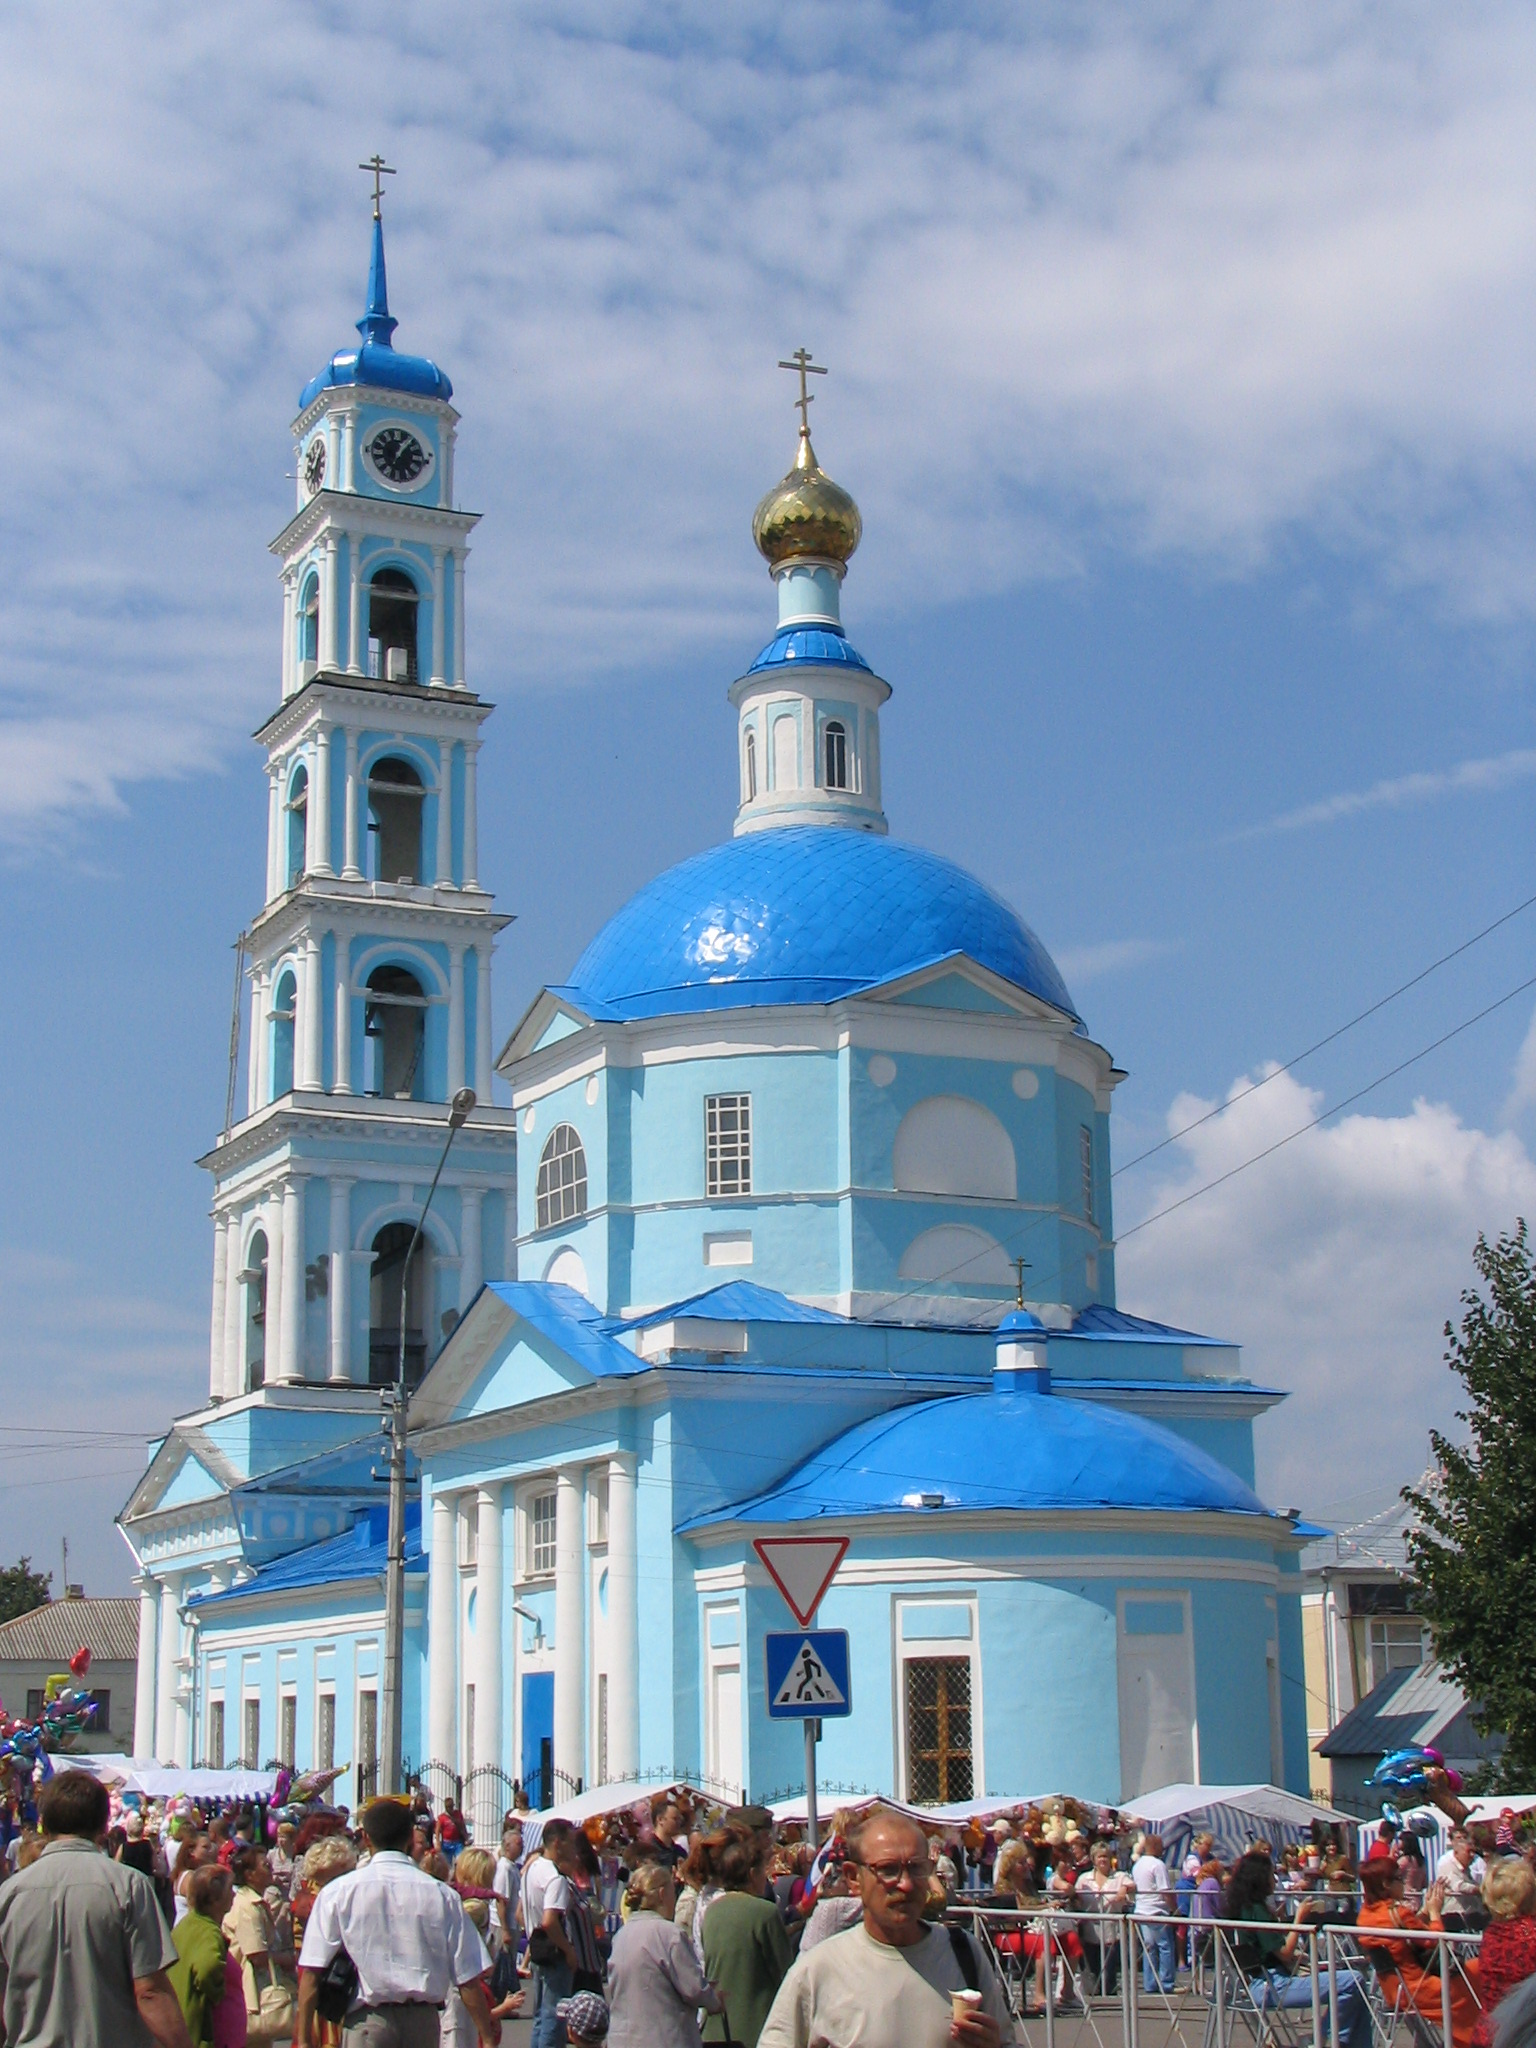 Введенская церковь в Кашире с голубым куполом